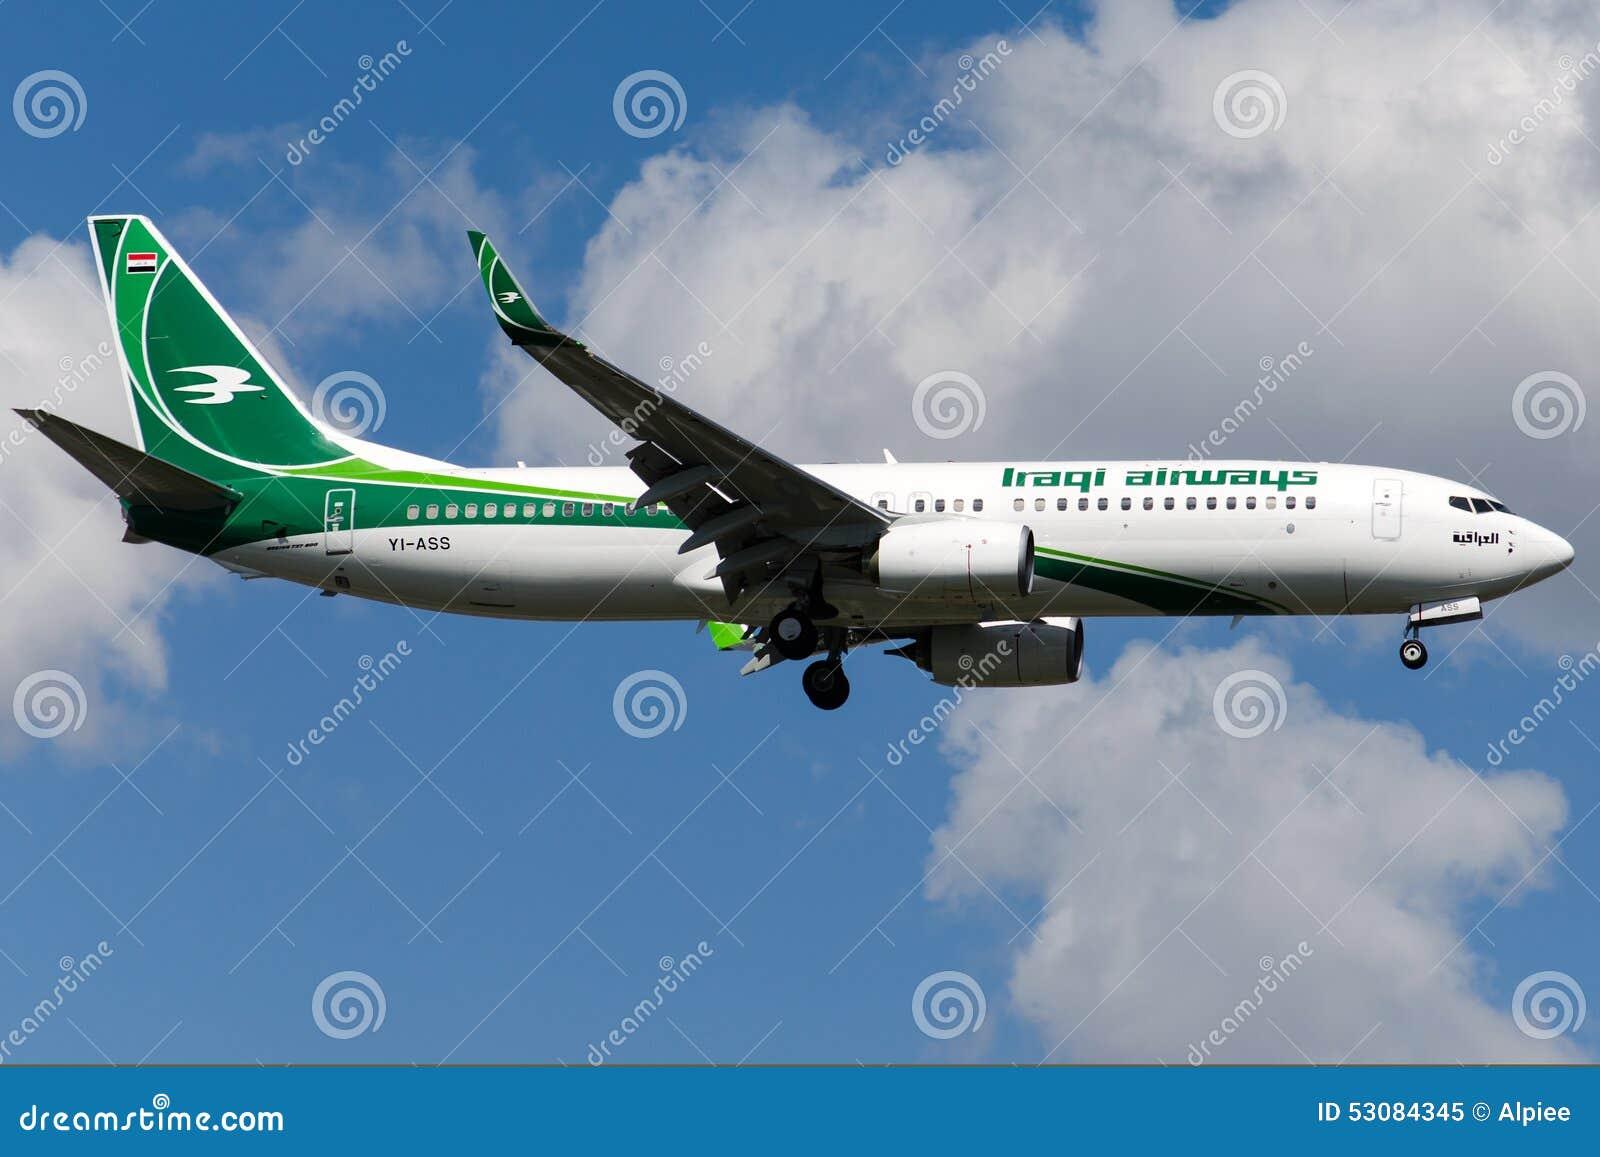 亚洲色囹��yi�yi�yolz)�_yi-ass伊拉克航空公司,波音737-81z 编辑类图片